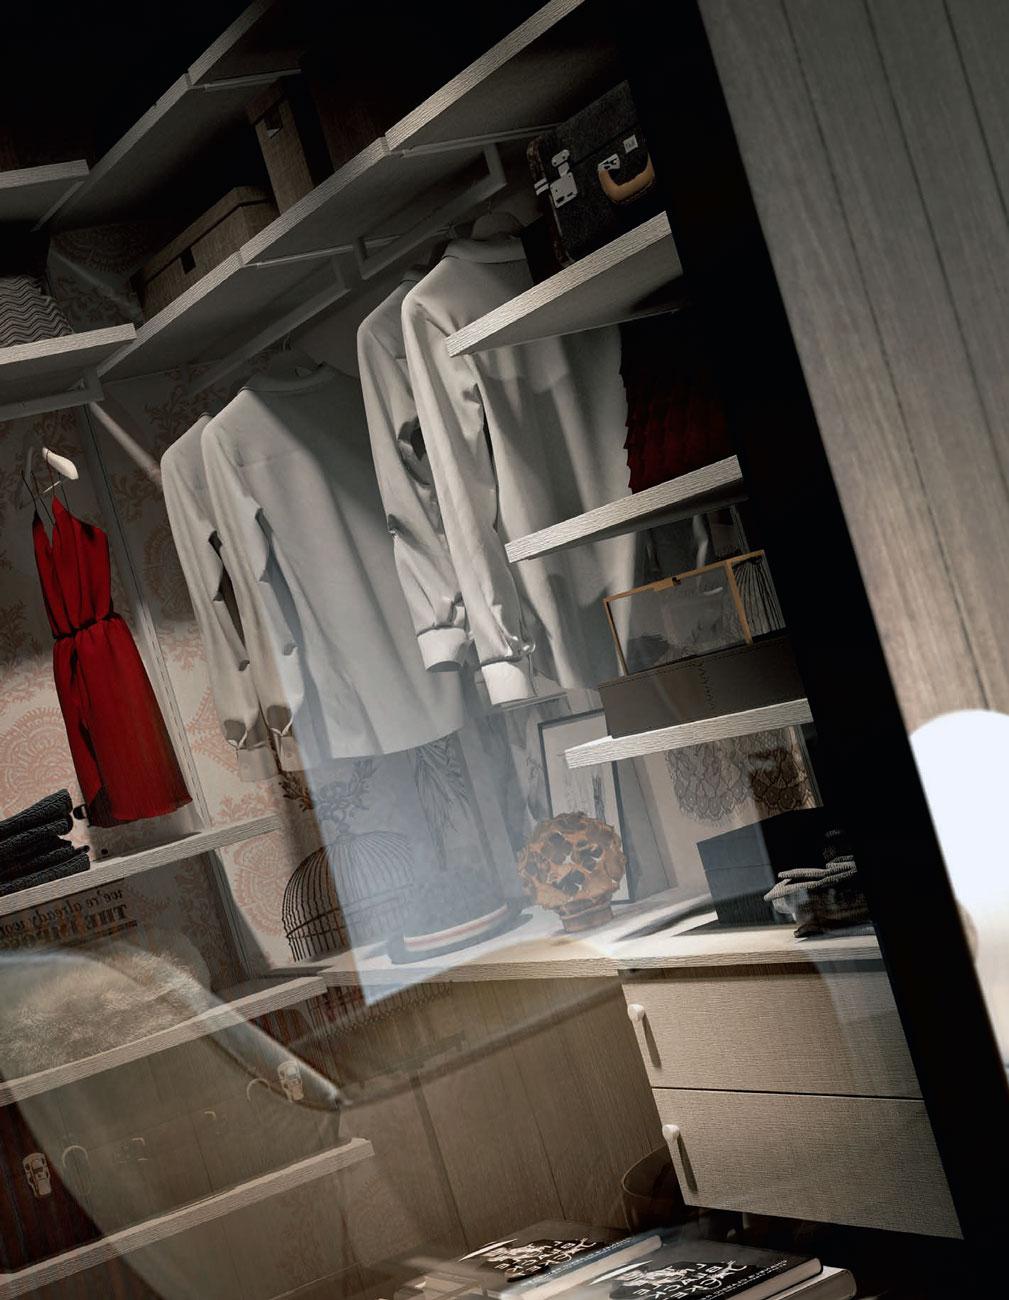 Ντουλαπες υπνοδωματιου VENETA AVANT. Ντουλάπες ανοιγομενες και συρομενες μοντελο naked